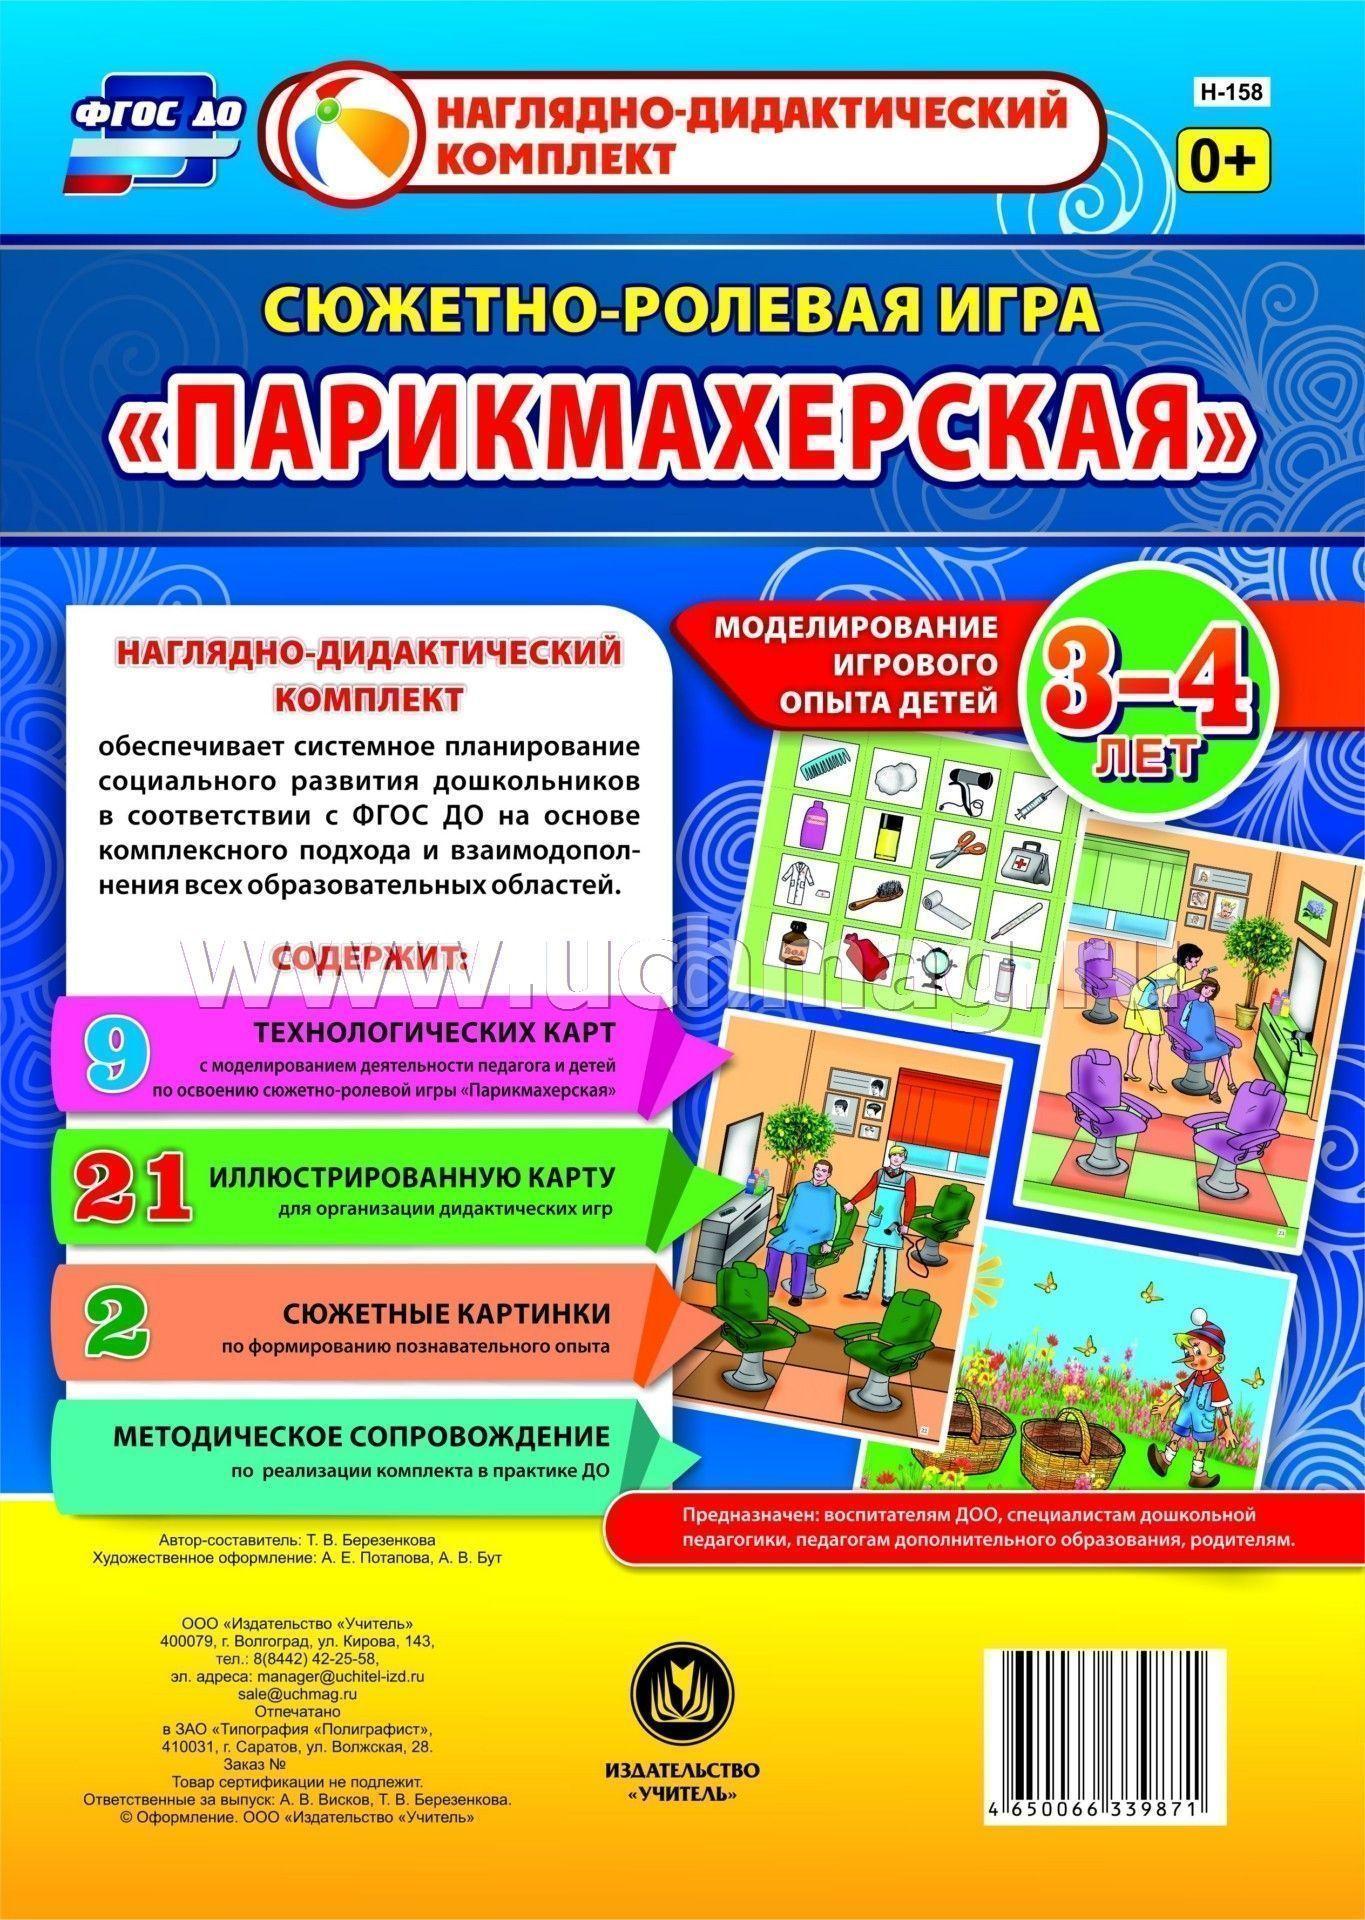 Сюжетно-ролевая игра - толковый словарь sims 2 ролевая игра